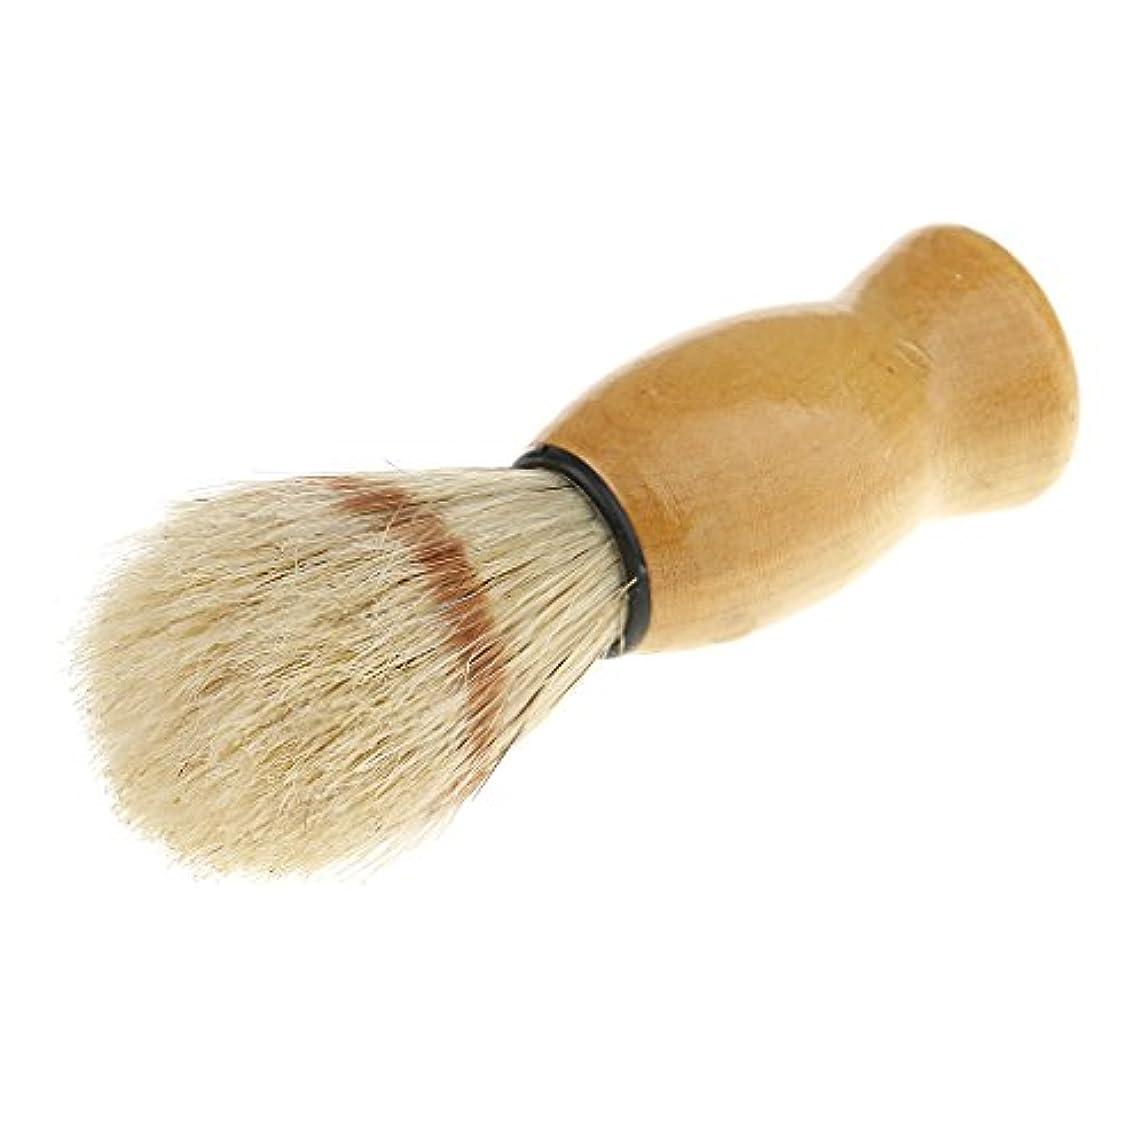 子孫農場メーカーKesoto シェービングブラシ メンズ用 髭剃り 便利 柔らかい 理容 便携 全2色 - 黄